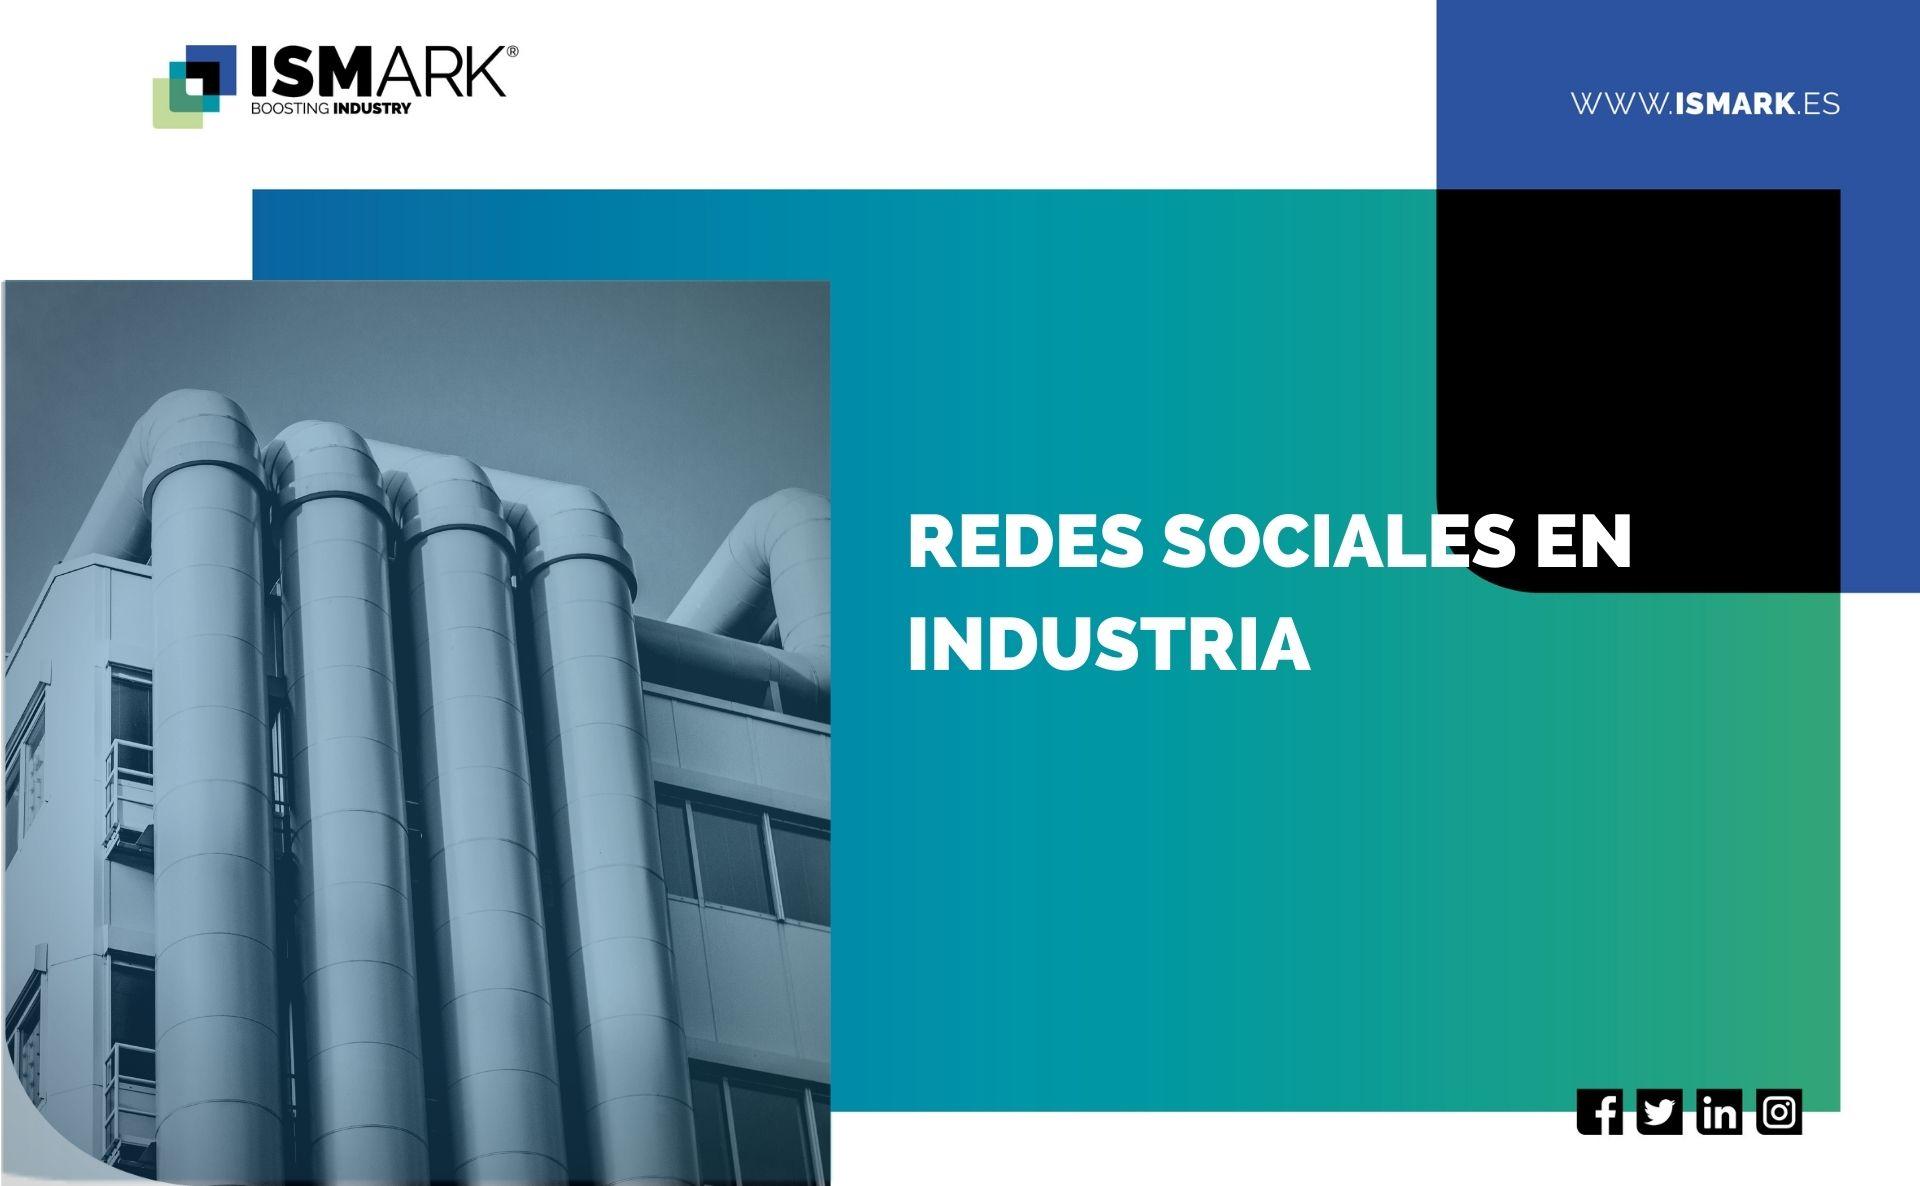 Redes-Sociales-en-Industria